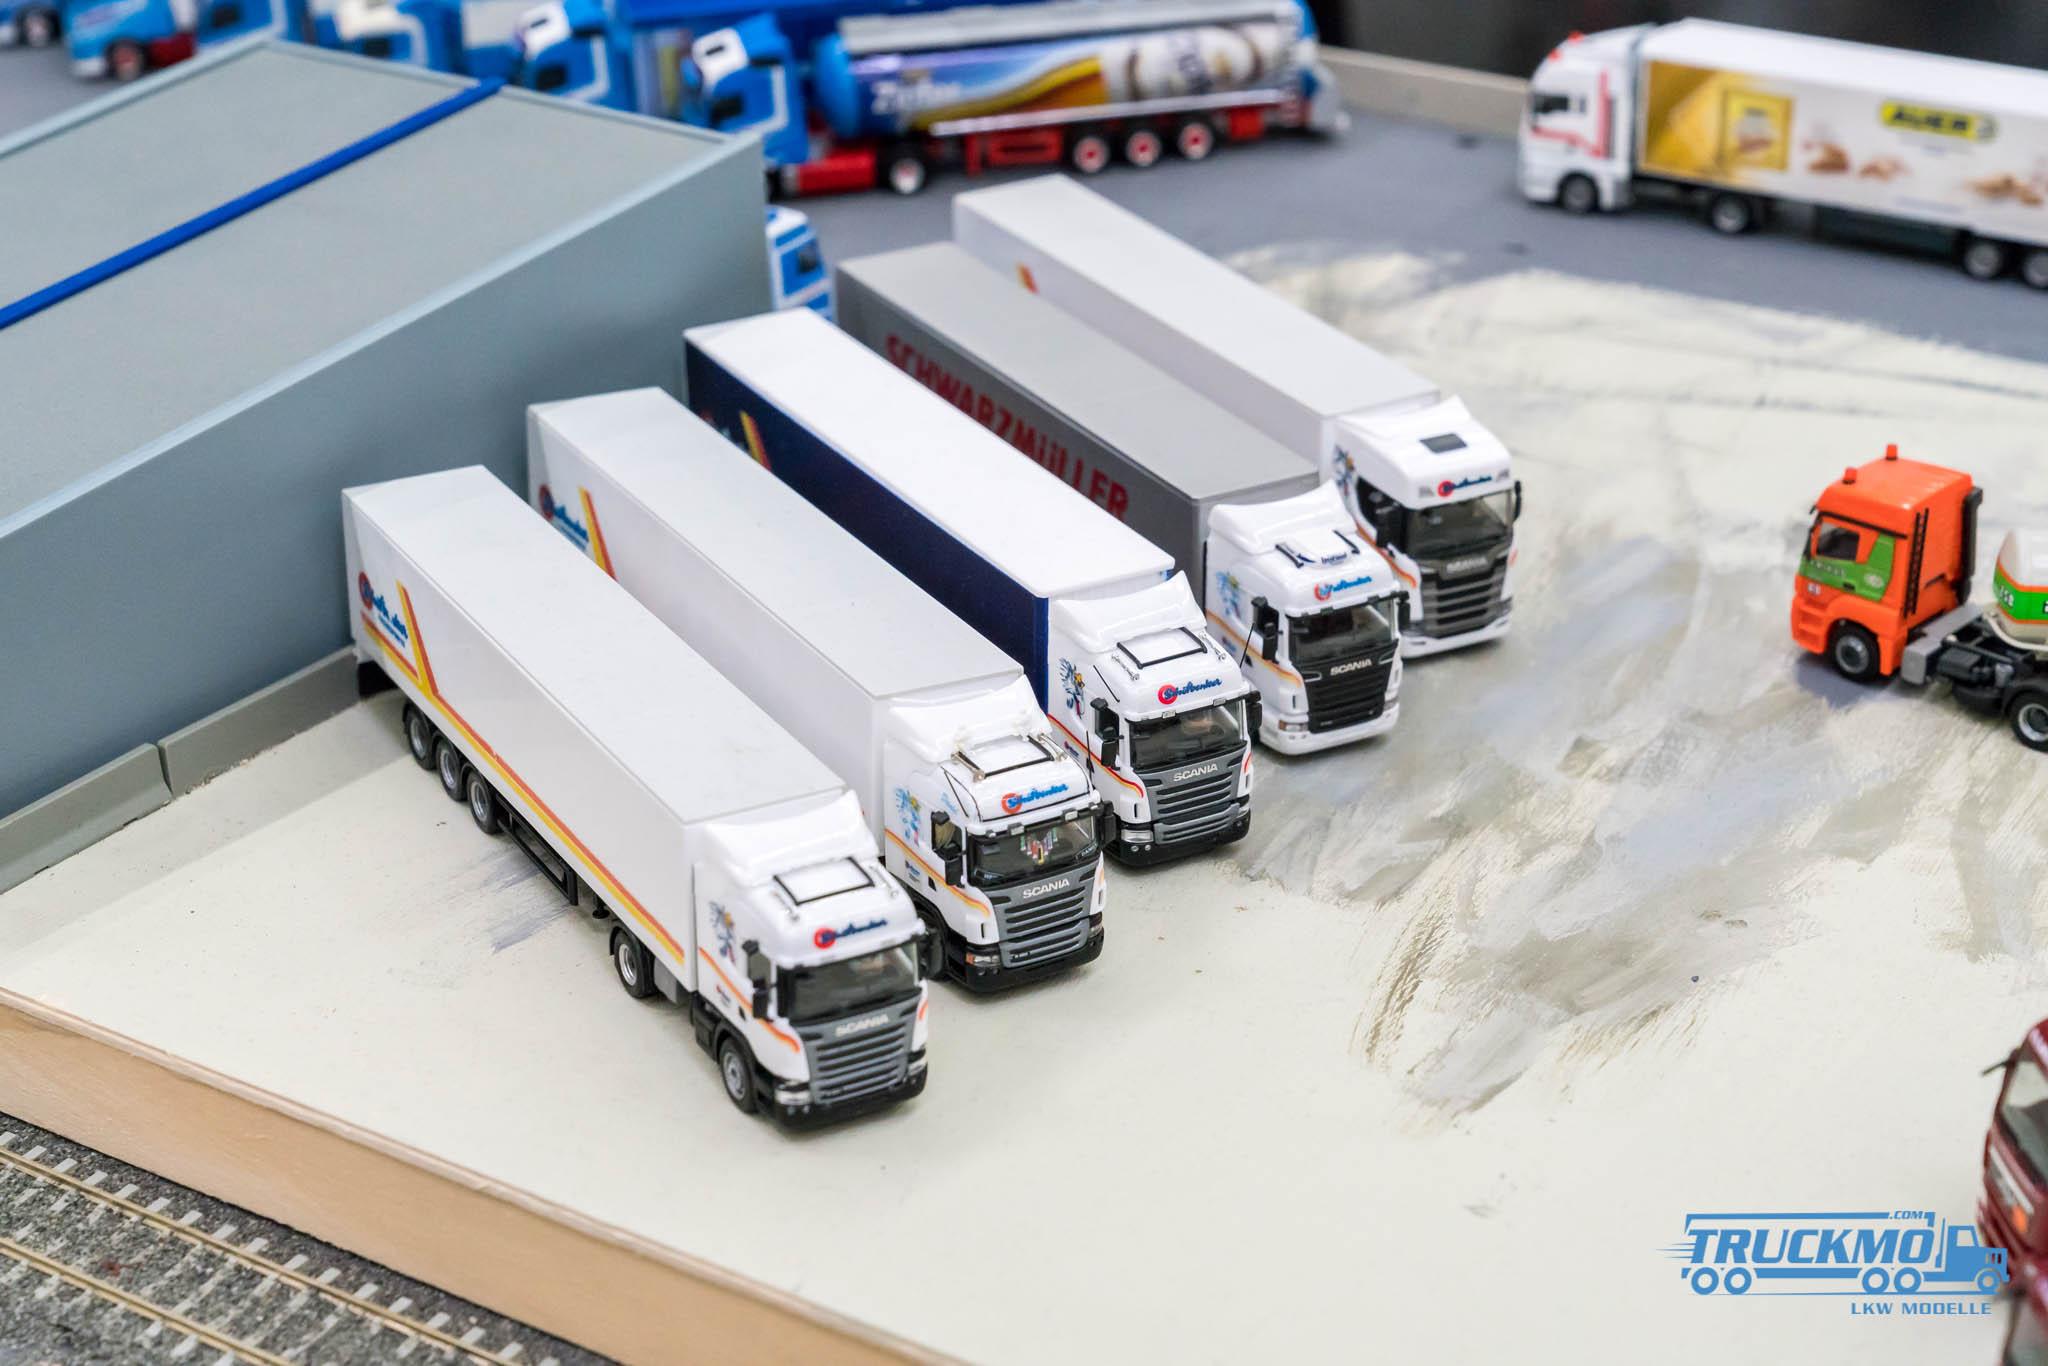 Truckmo_Modellbau_Ried_2017_Herpa_Messe_Modellbauausstellung (223 von 1177)